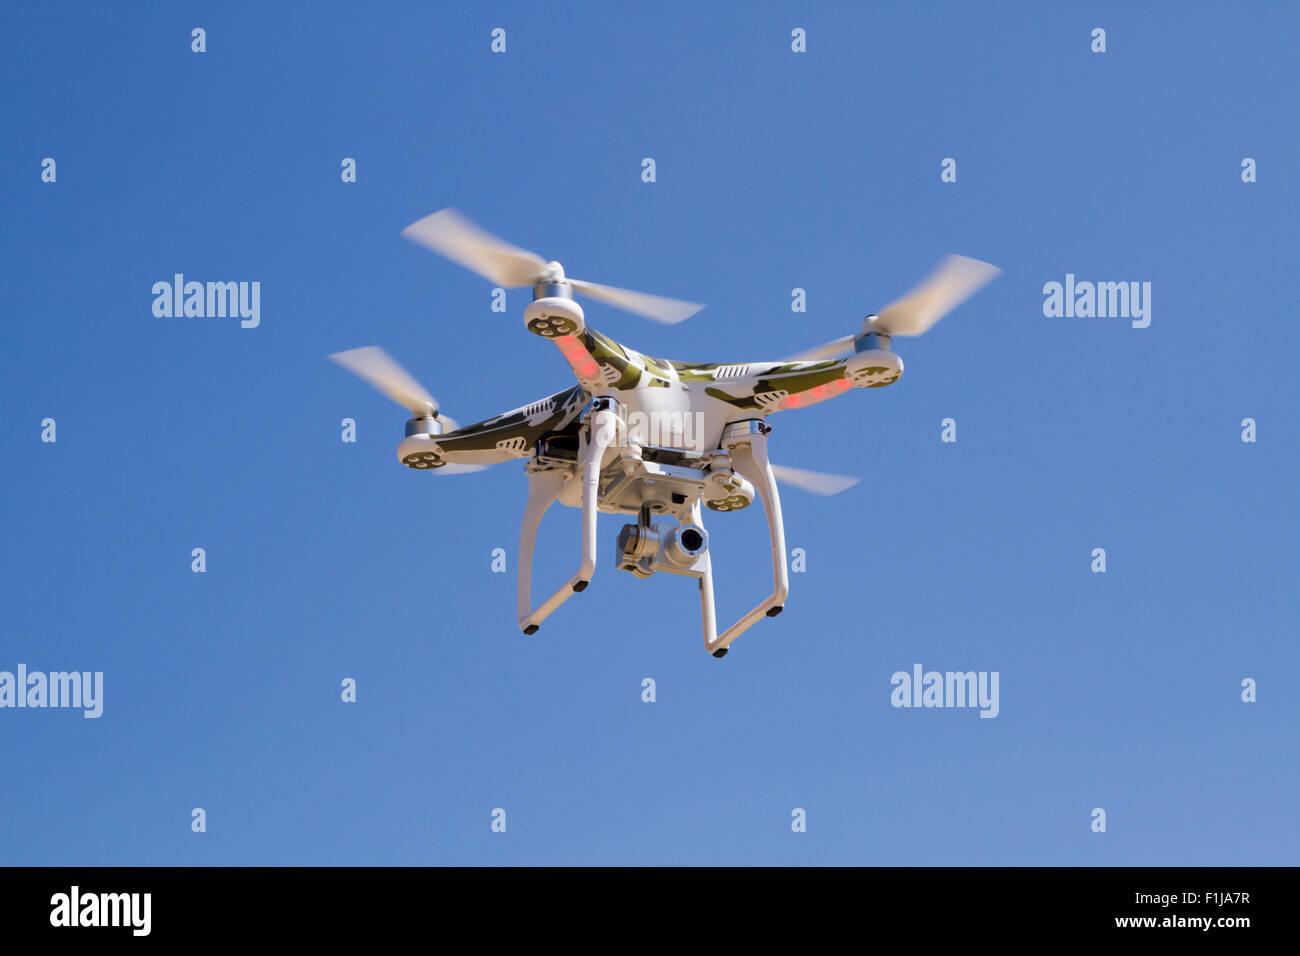 Il camuffamento Quadrocopter in bilico con una telecamera contro un cielo blu Immagini Stock